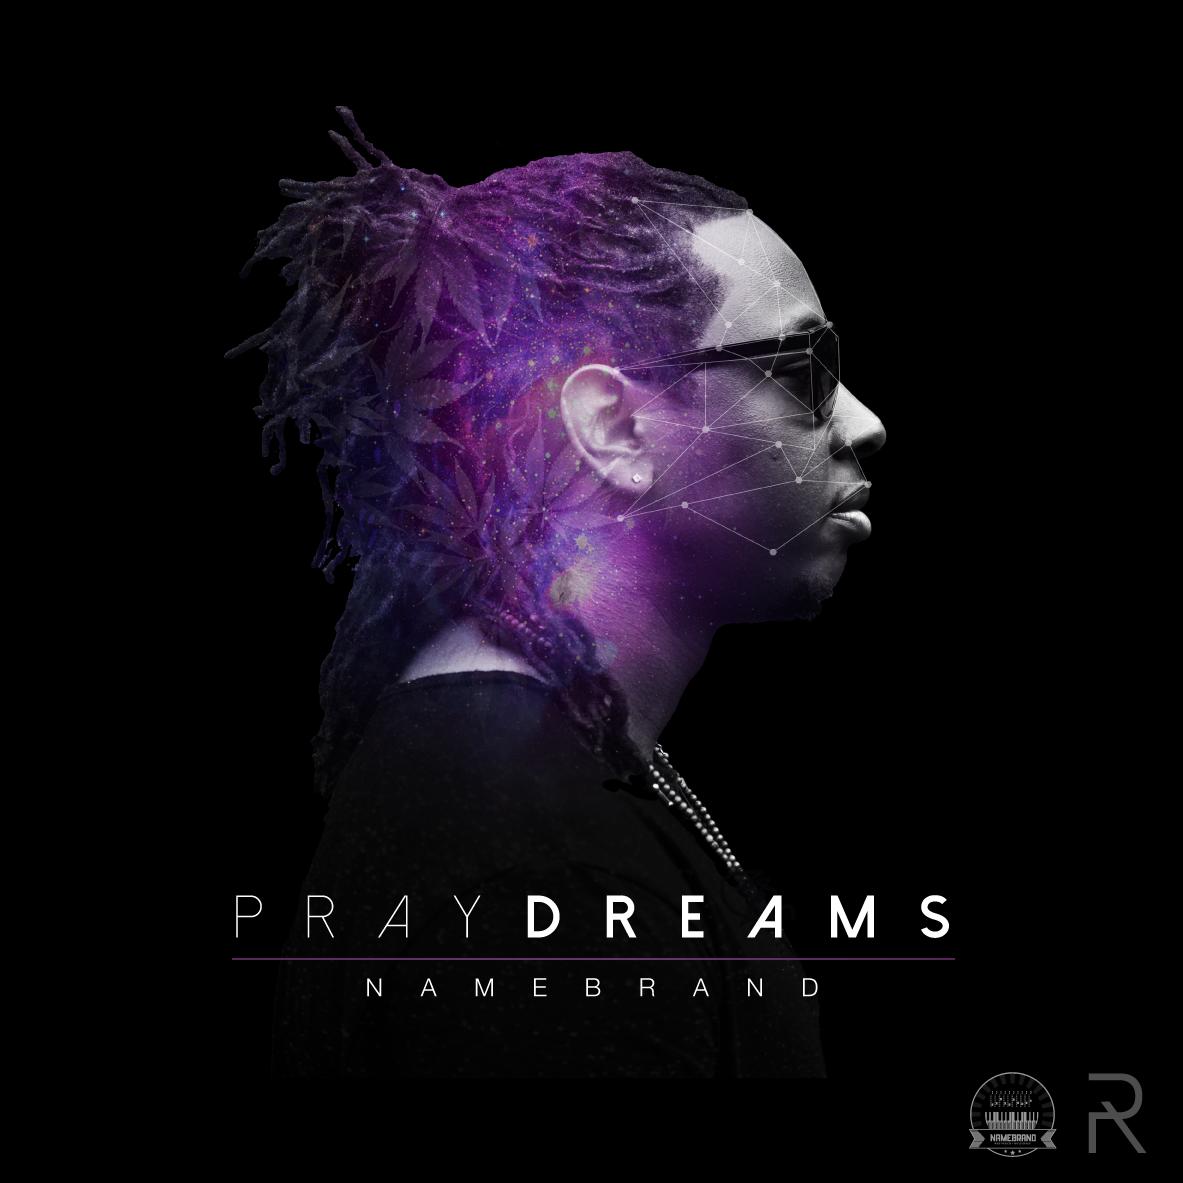 PrayDreams released 2015